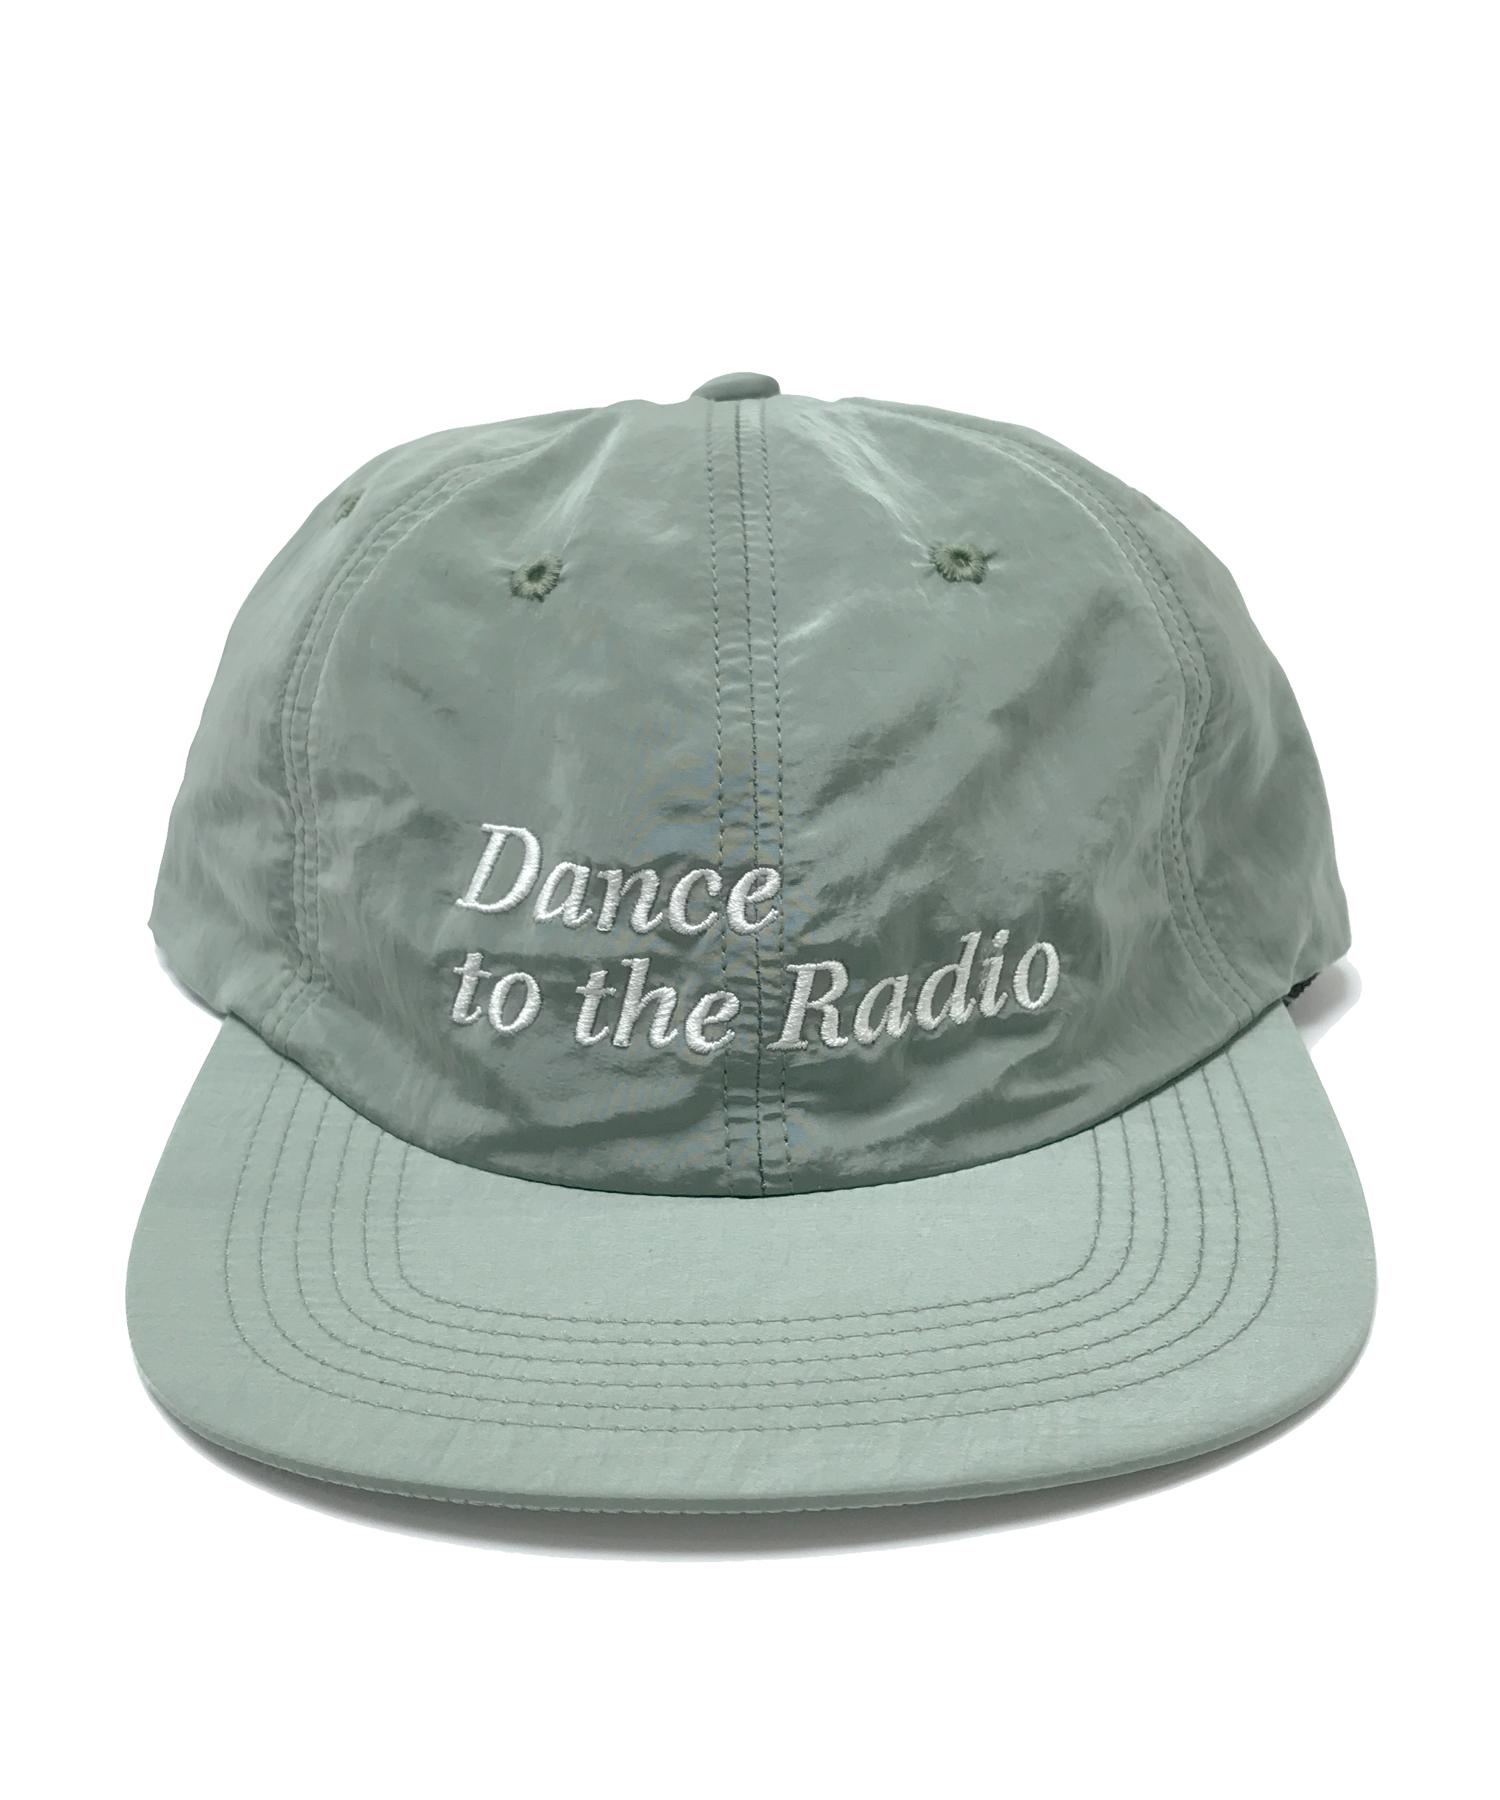 DANCE TO THE RADIO NYLON CAP OLIVE